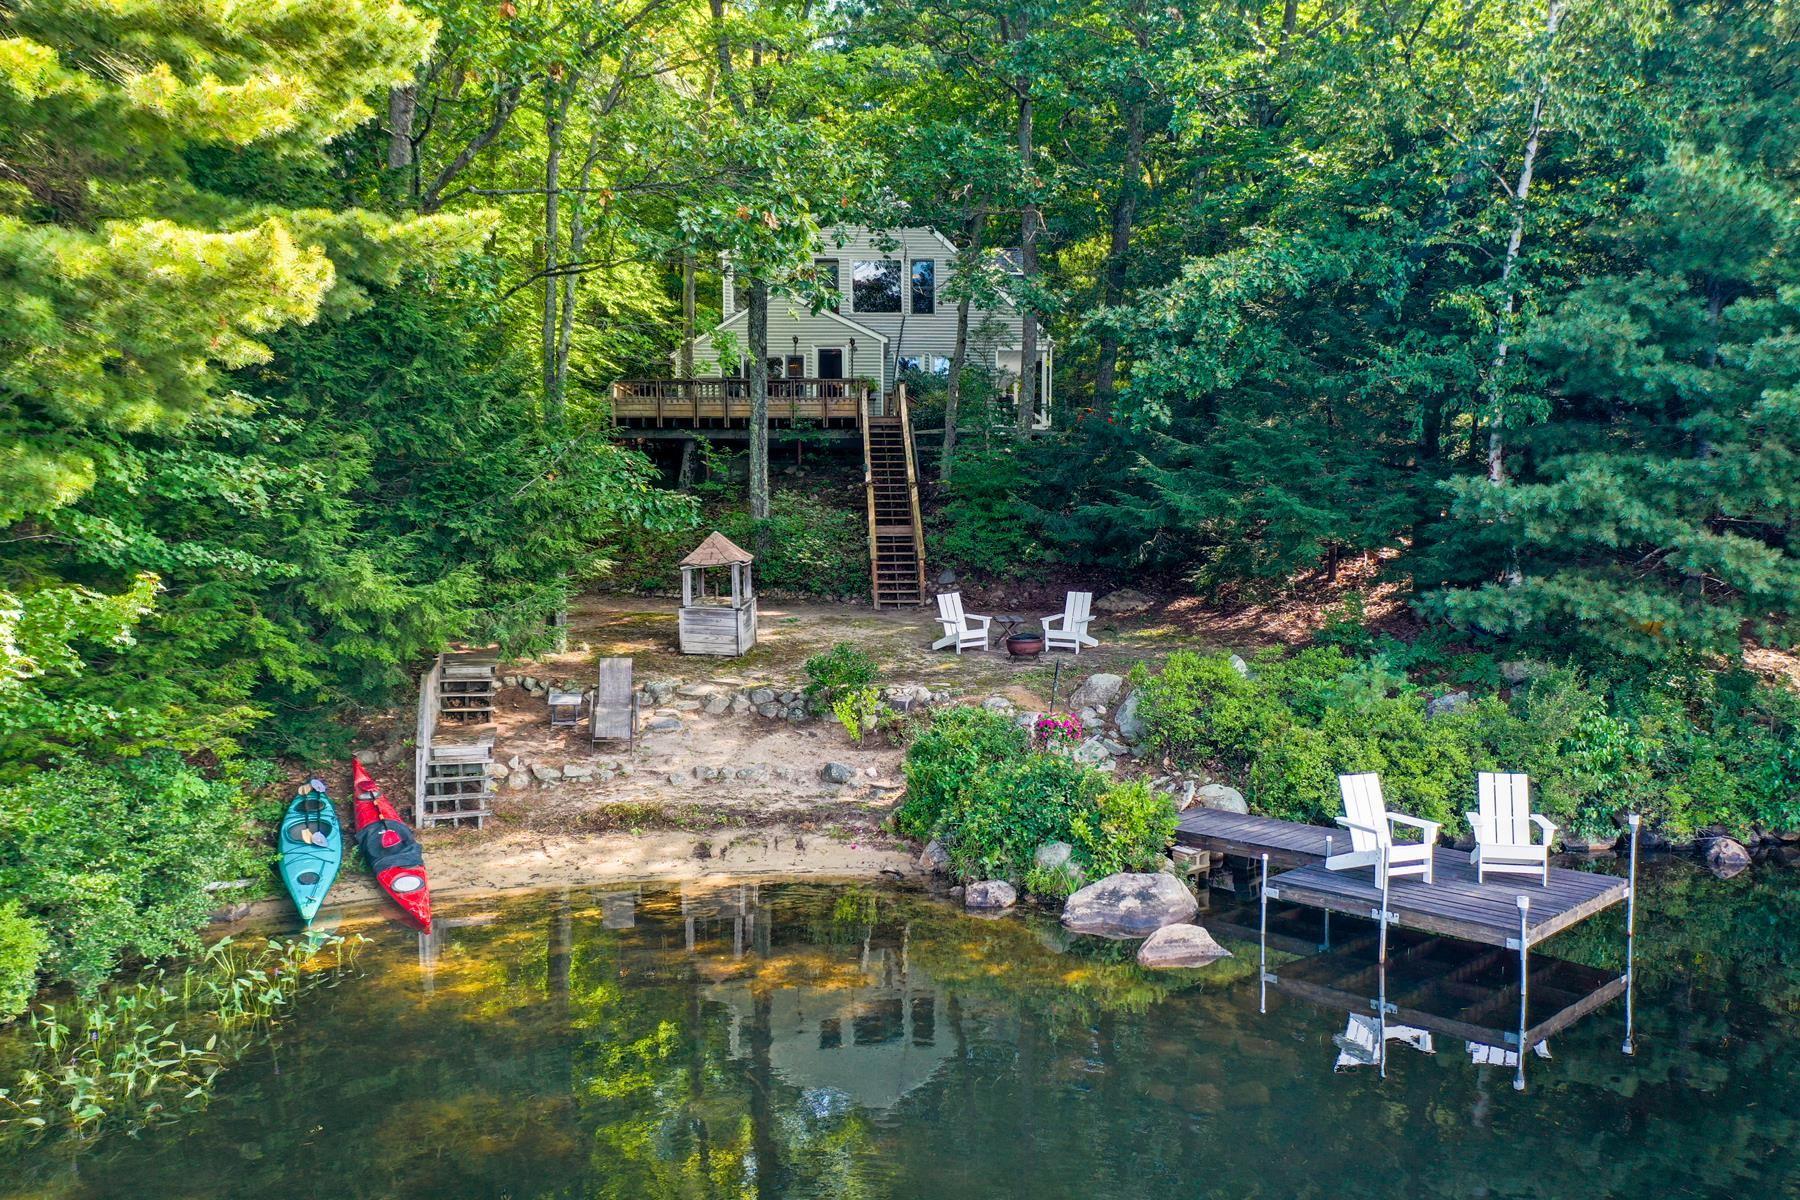 Shaws Pond - New Durham